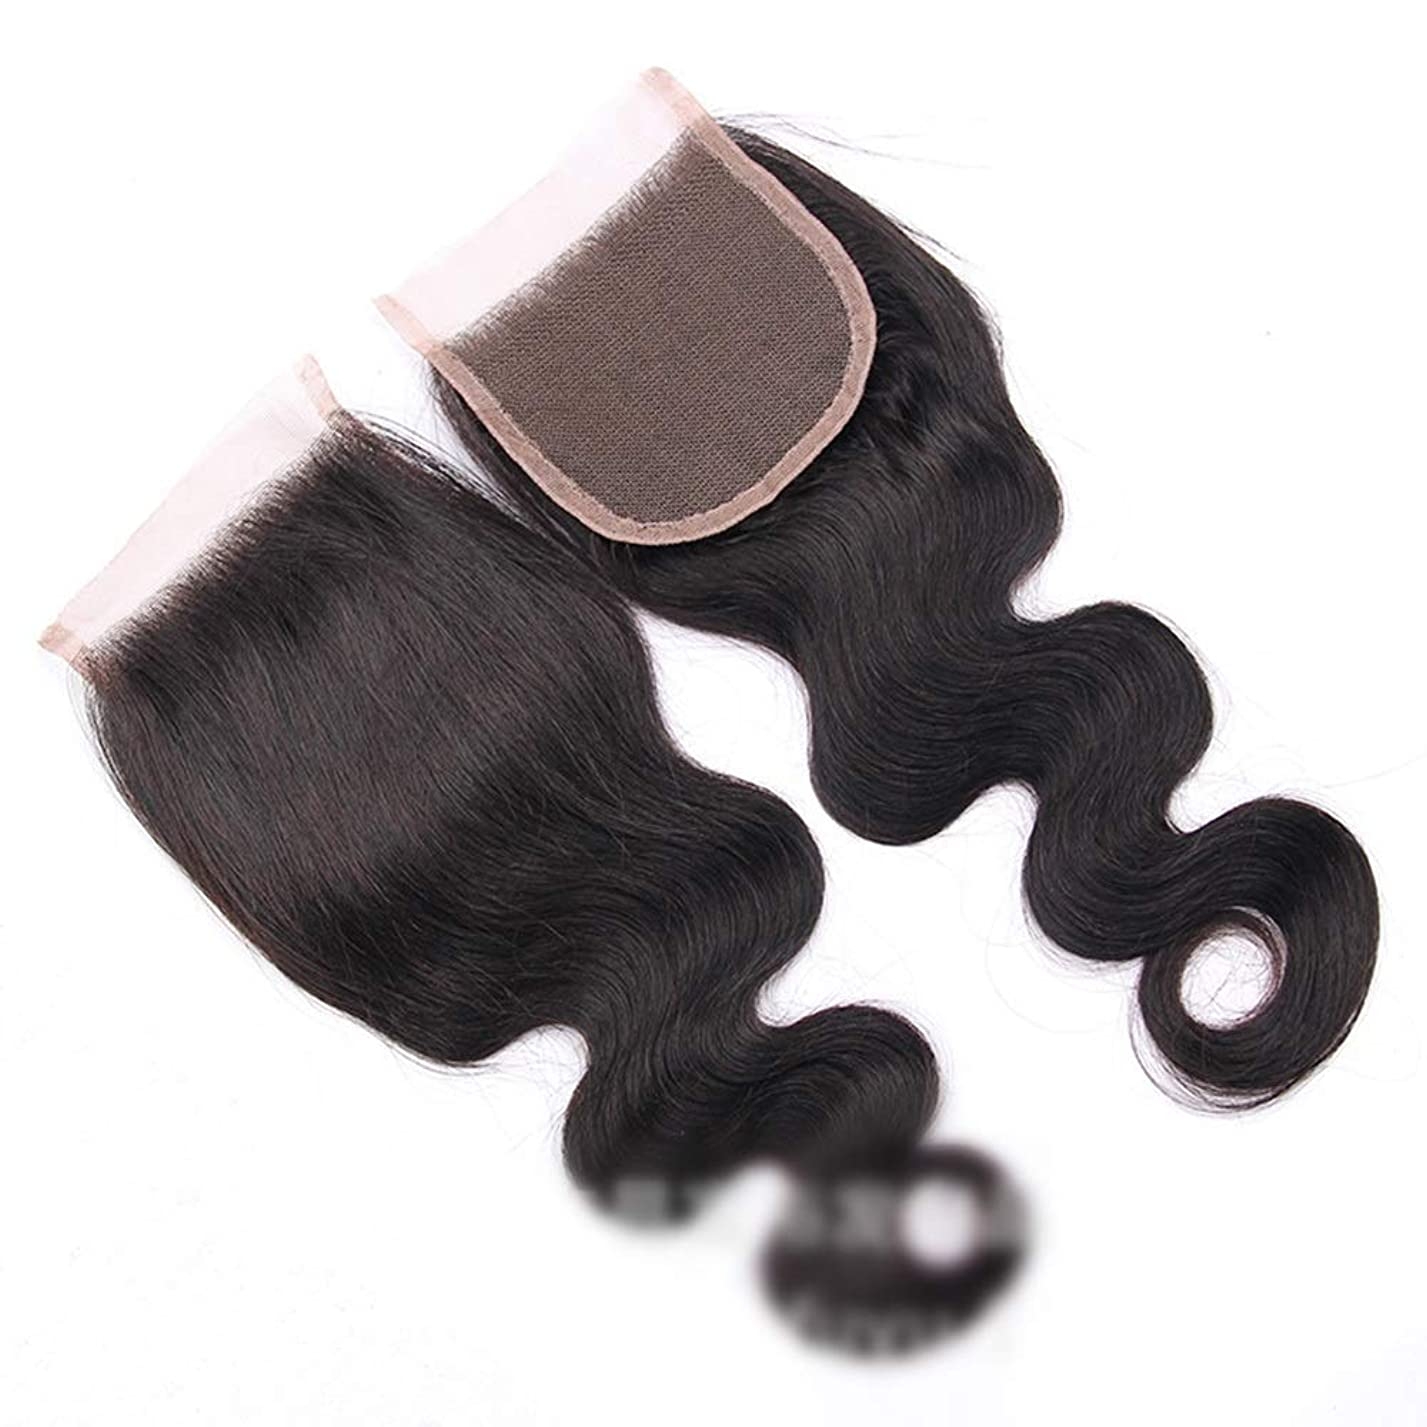 学校教育ズームインする静かなYESONEEP ブラジル実体波レース閉鎖無料パート100%バージン人間の髪の毛の閉鎖ナチュラルカラービッグウェーブウィッグ (色 : 黒, サイズ : 20 inch)